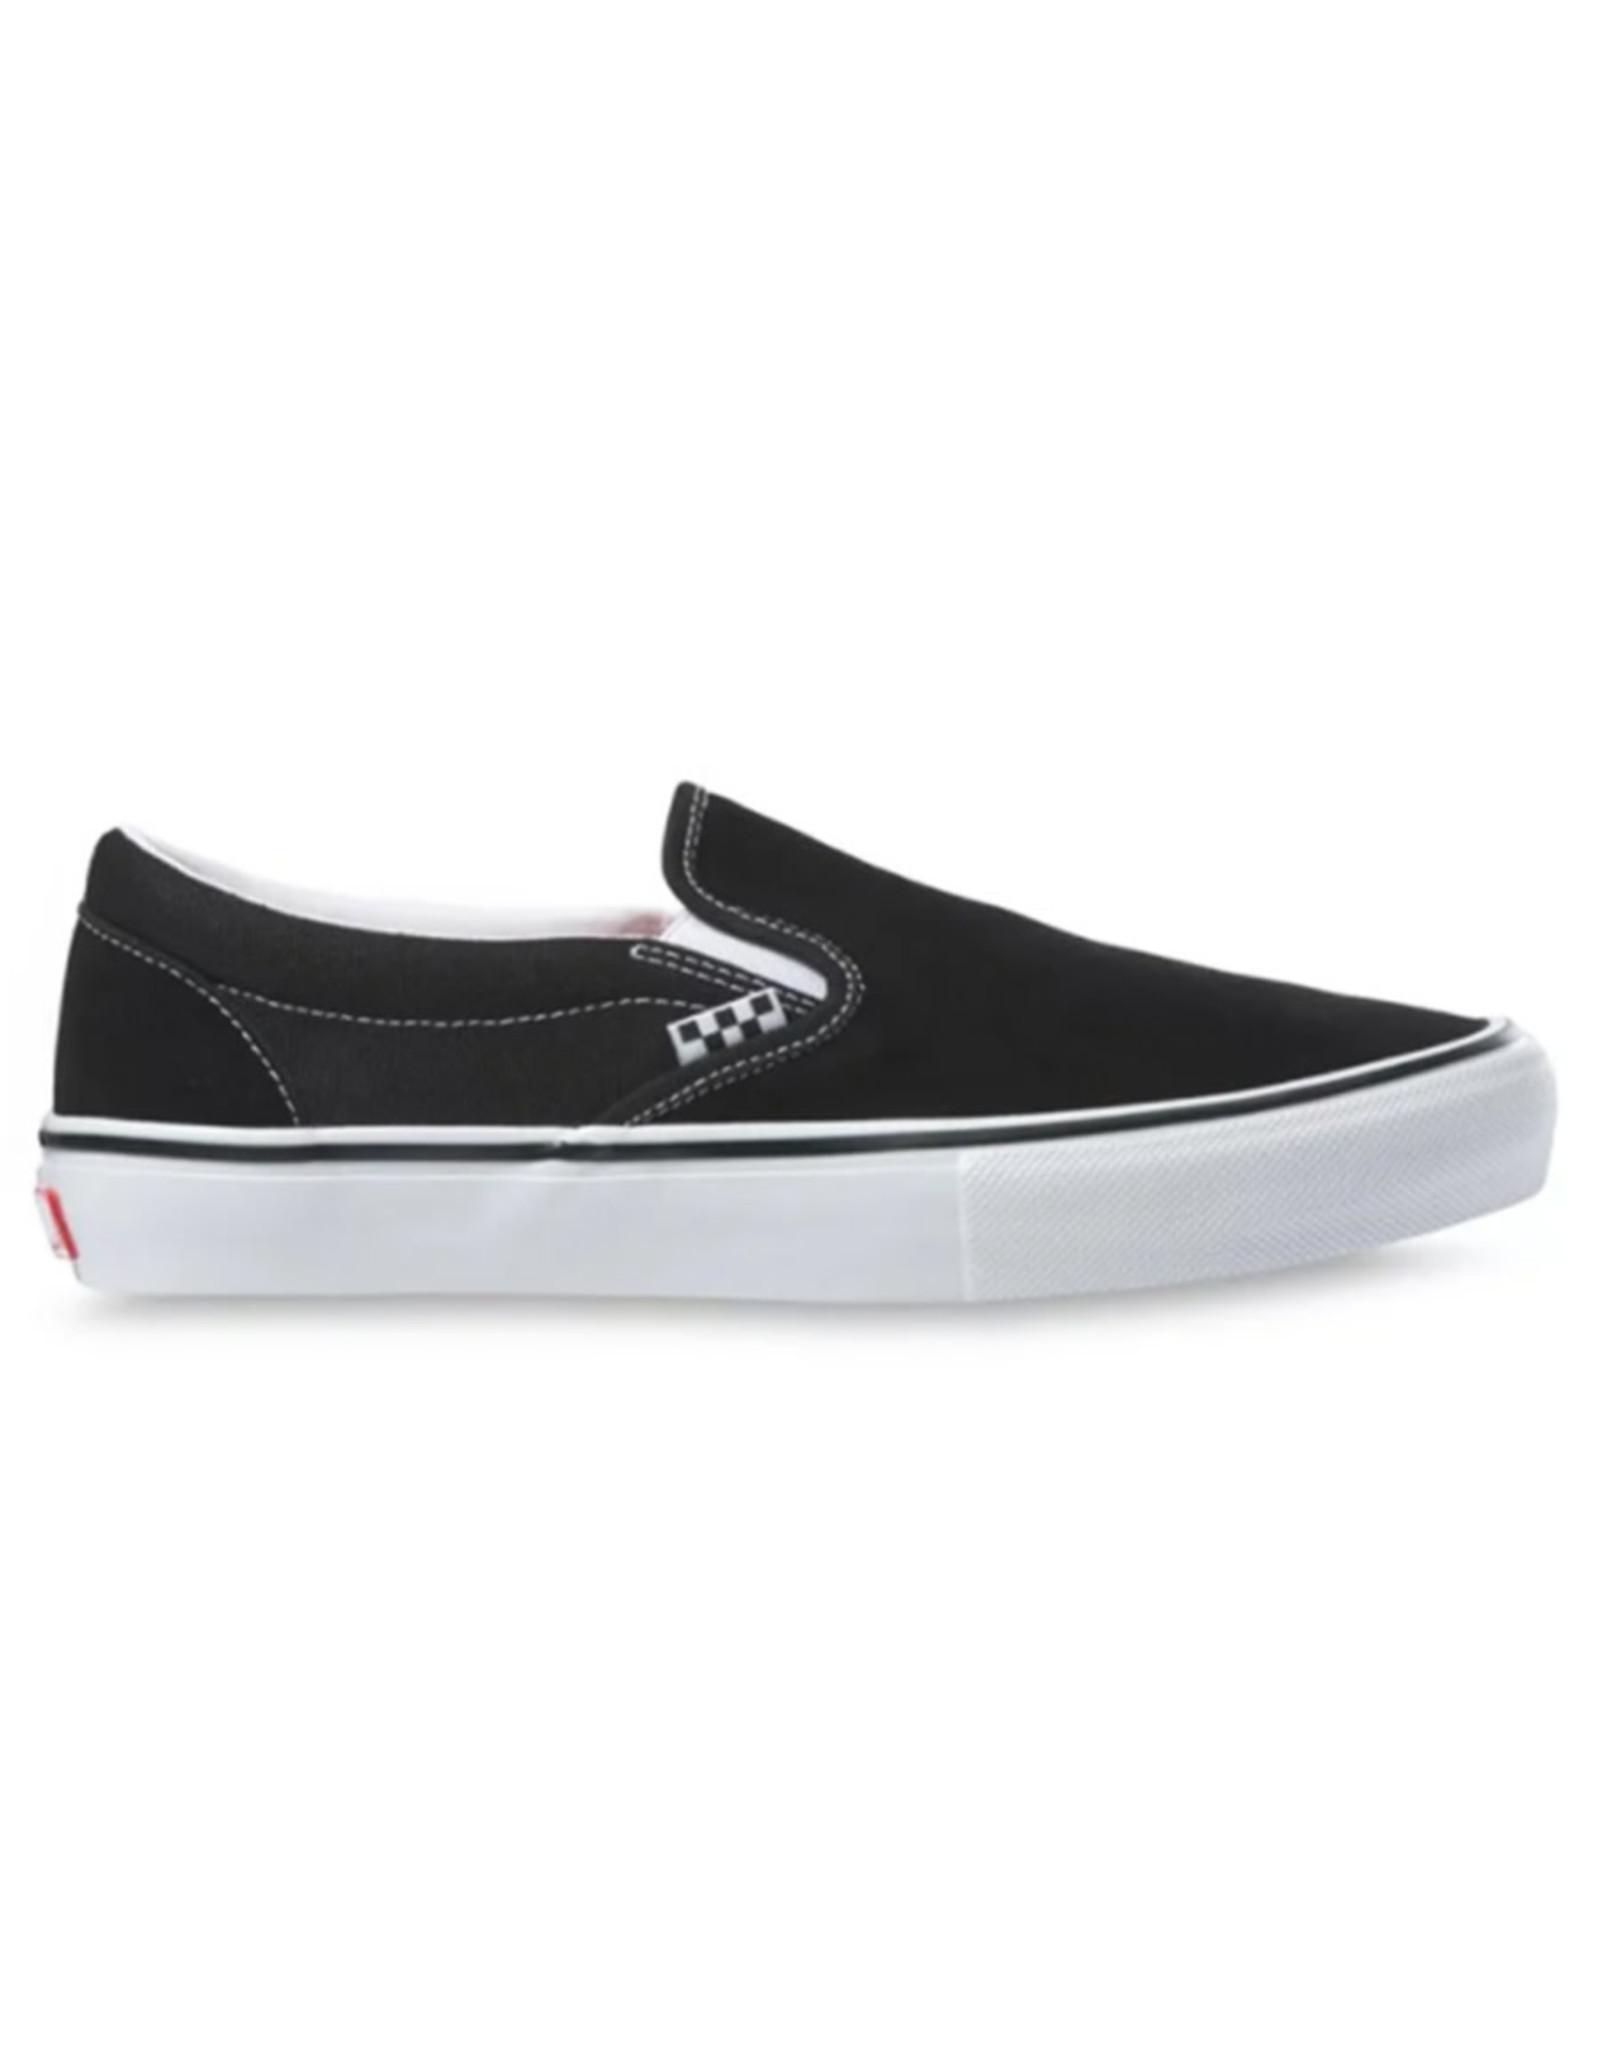 Vans Vans Shoe Skate Slip-On (Black/White)